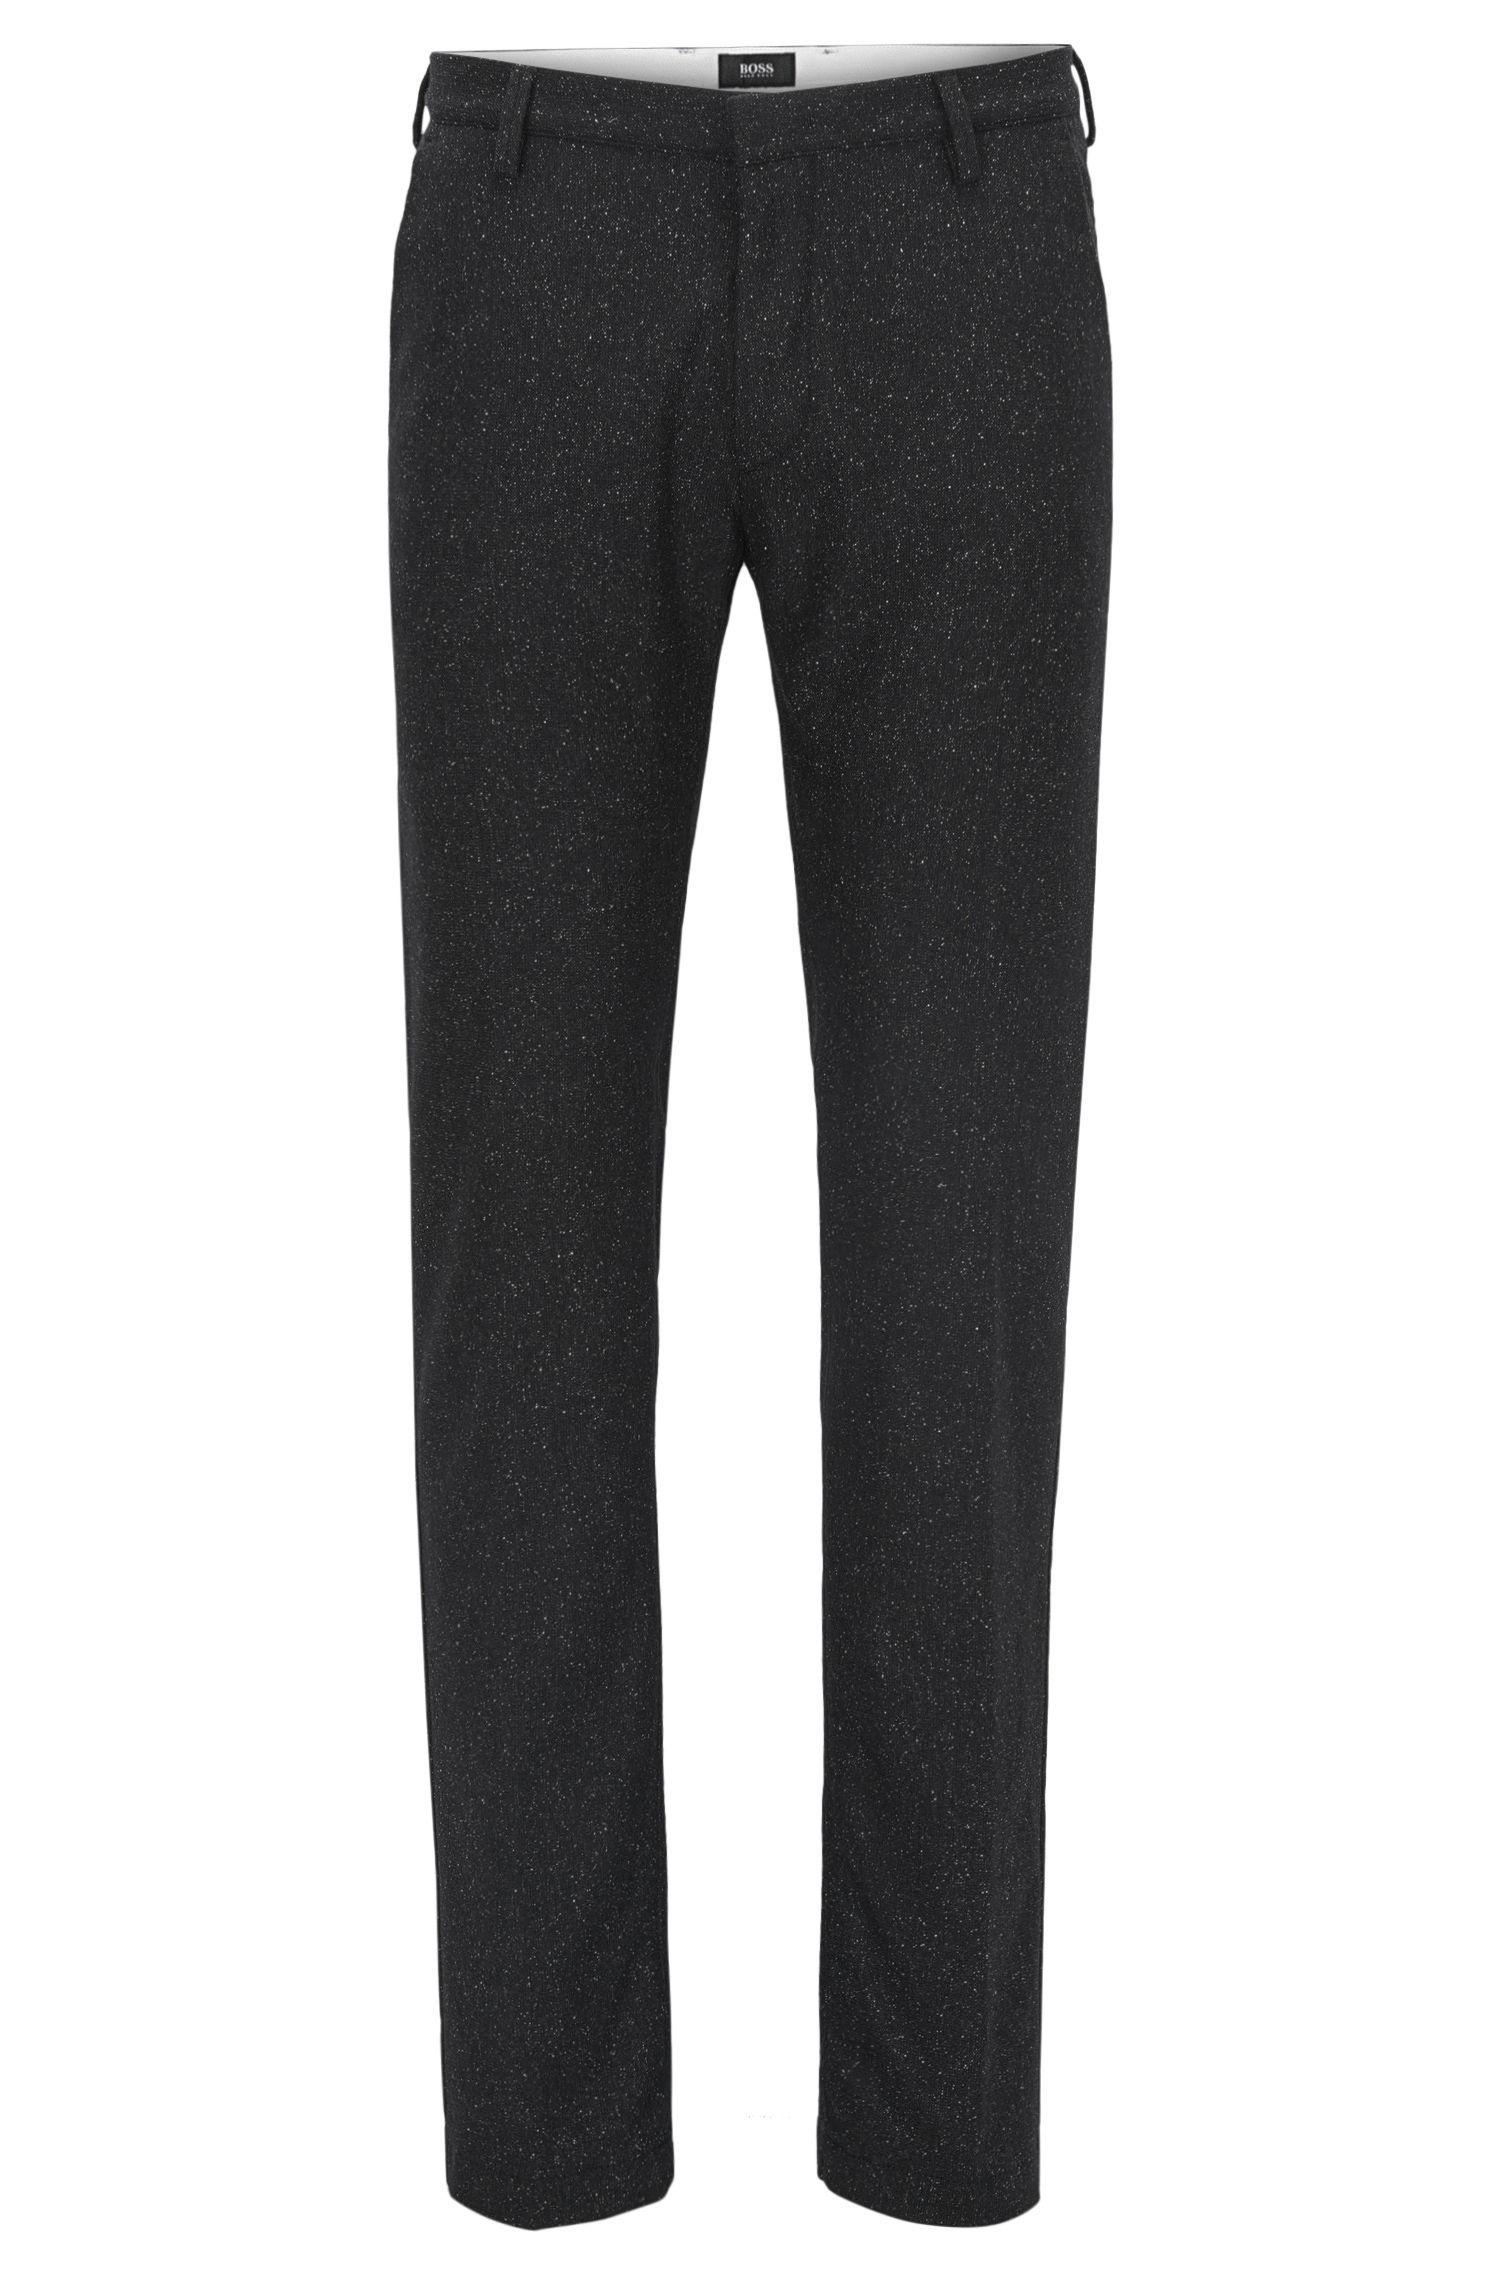 Virgin Wool Blend Pant, Slim Fit | Rice W